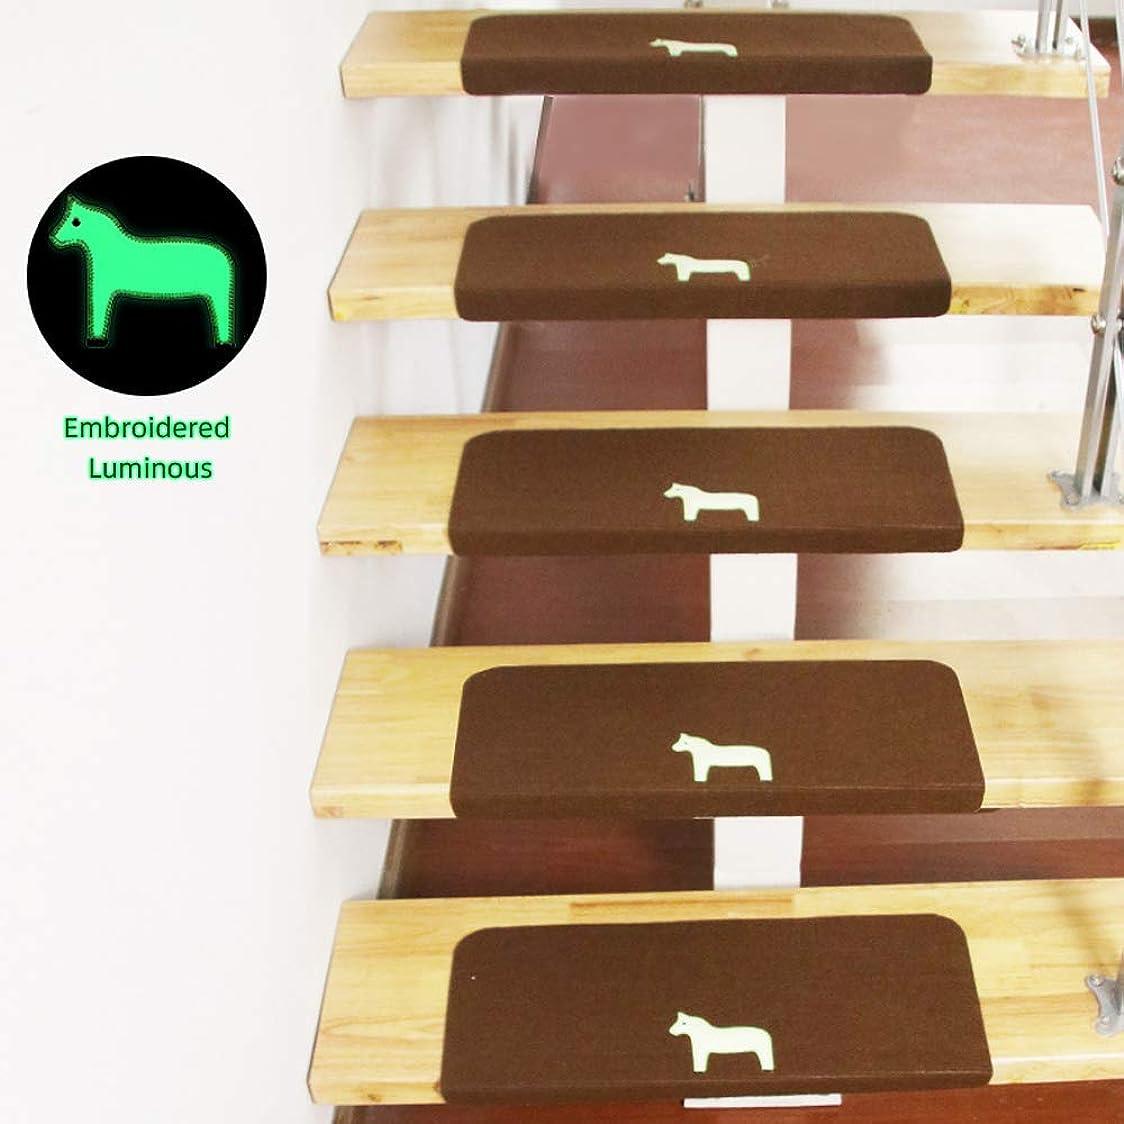 暴露する大理石緯度Indoor Stair Mats | Set of 5 | Stair Carpet with Slip-Resistant | Embroidered luminous | Glue-free Self-adhesive | Quick and Easy to Install | Premium Quality